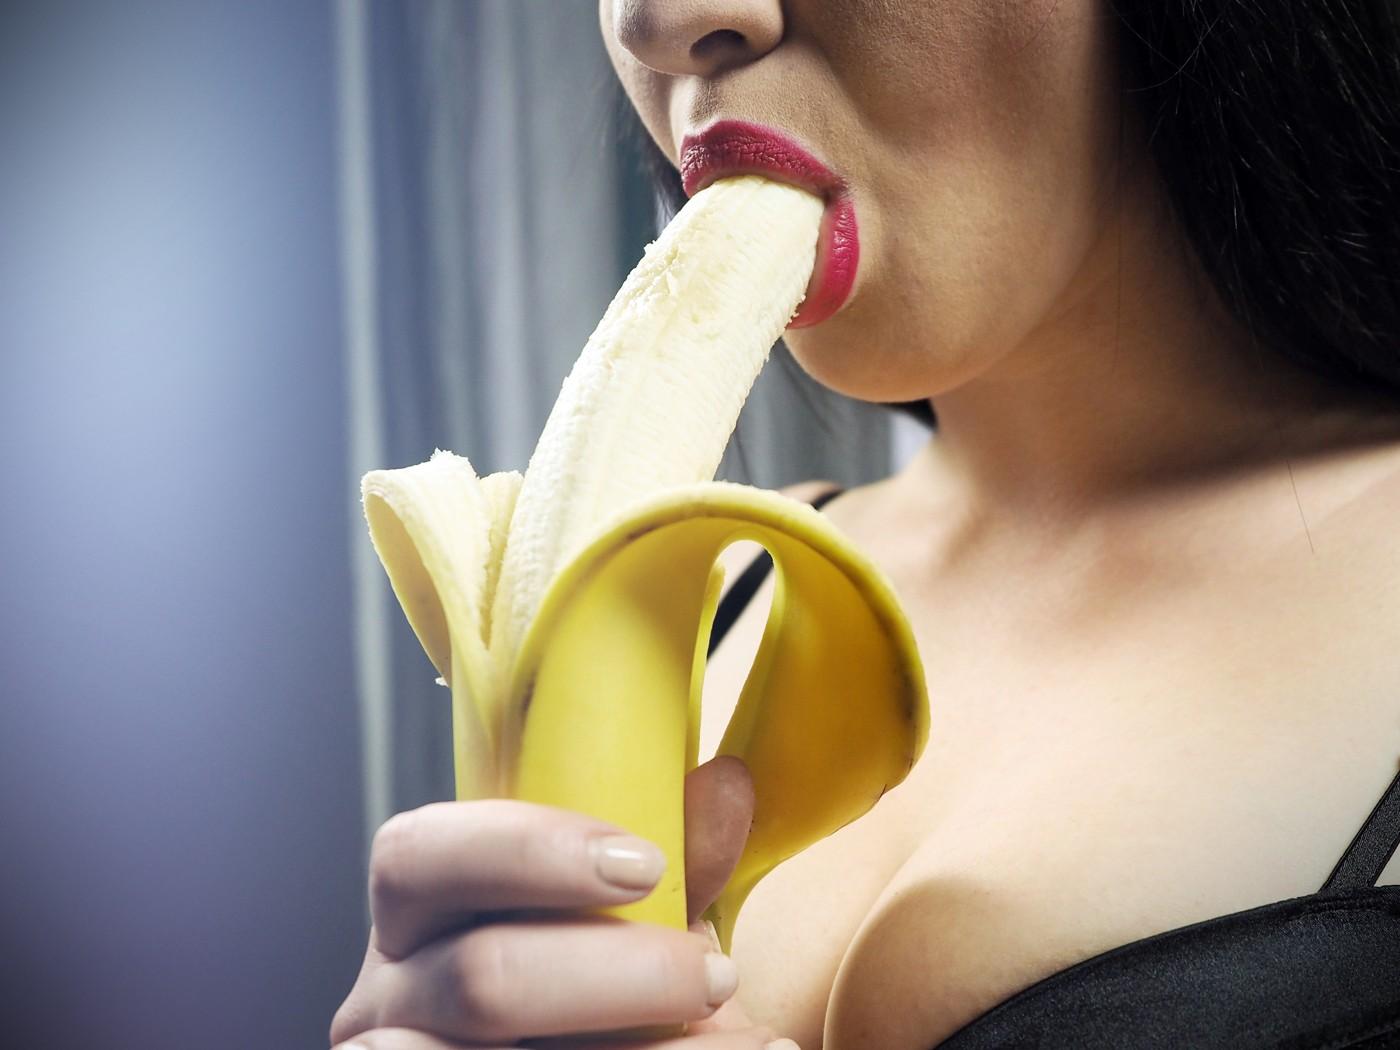 привыкли видеть банан в чулках фото секс ранний, должен